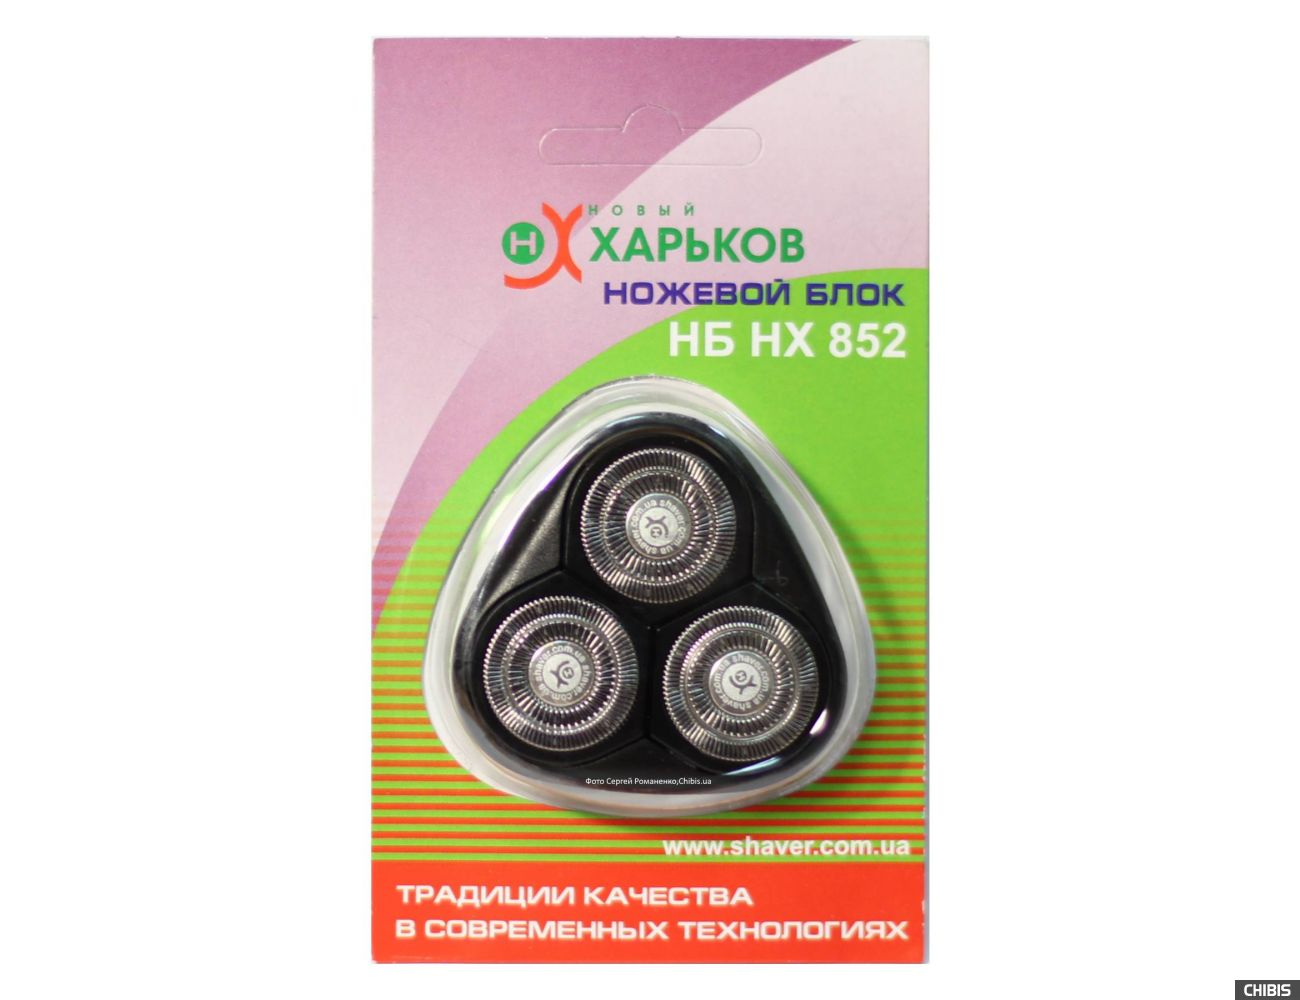 Ножевой блок НХ 852 черный для бритвы Новый Харьков Фанат 2012